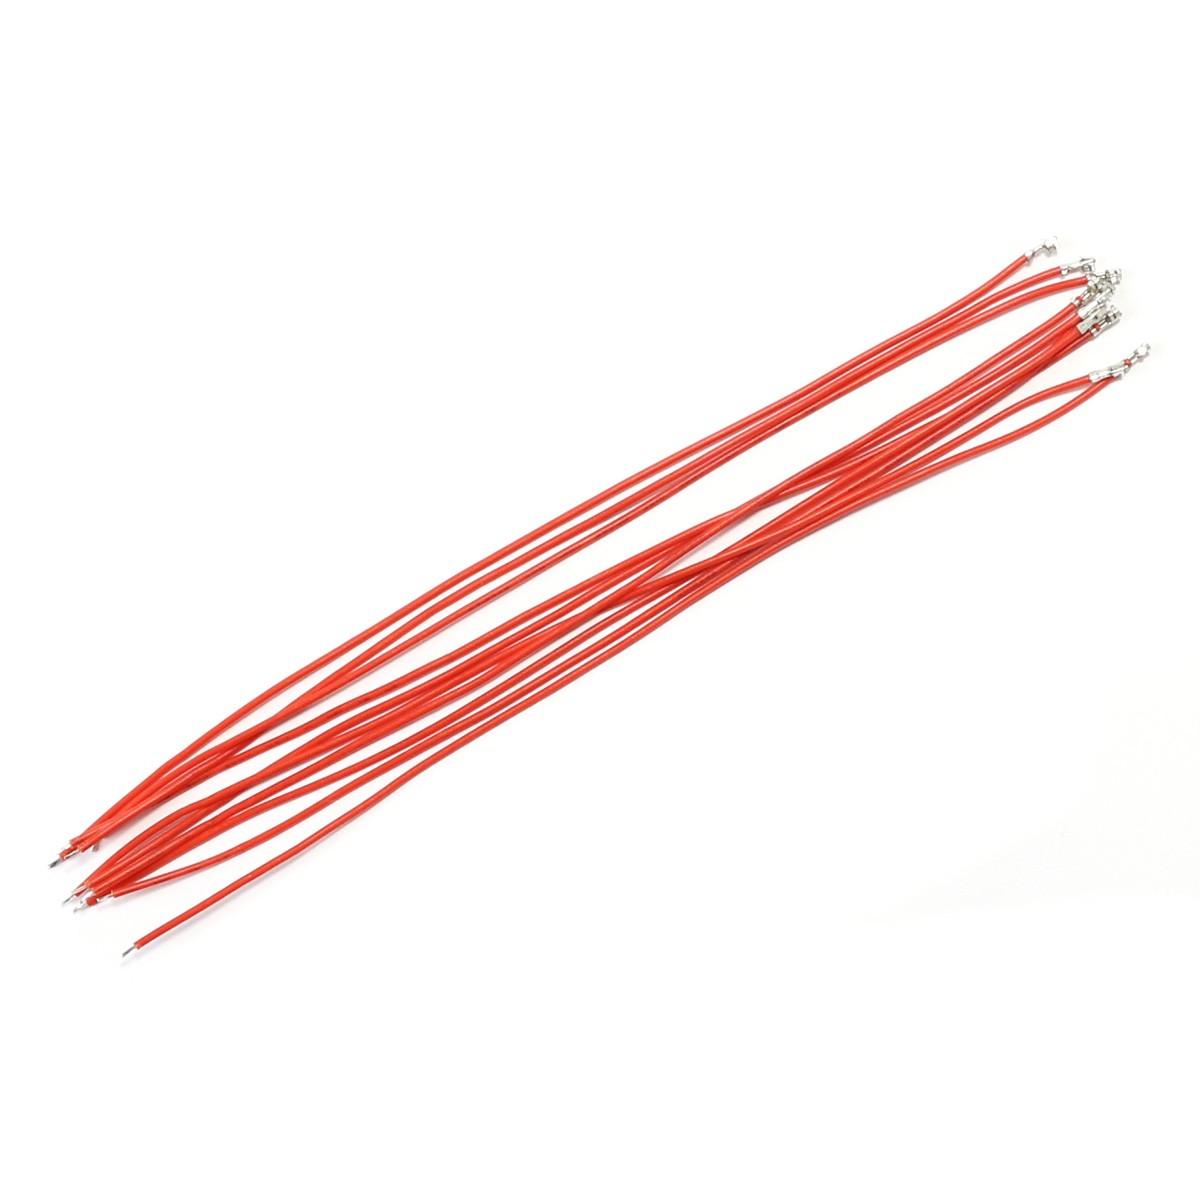 Câble d'Interconnexion pour XH vers Fil Nu 2.54mm 1 Pin 20cm Rouge (x10)